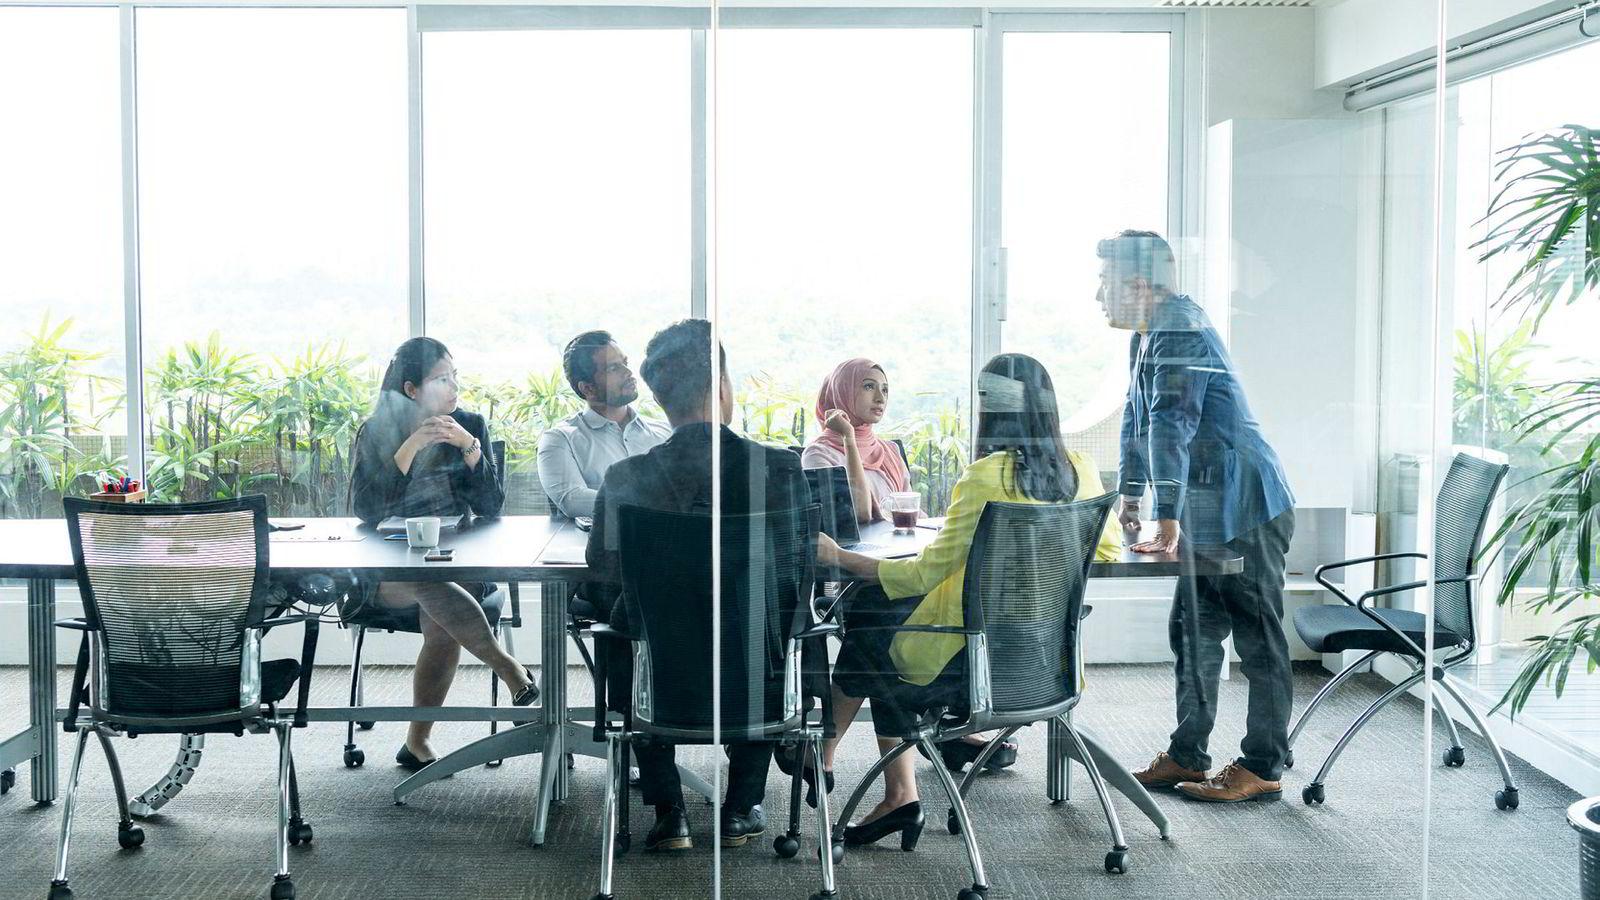 Det å skape psykologisk trygghet på en arbeidsplass har også gjøre med at ledere er trygge på seg selv; i sin rolle og utøvelsen av den, skriver artikkelforfatteren.